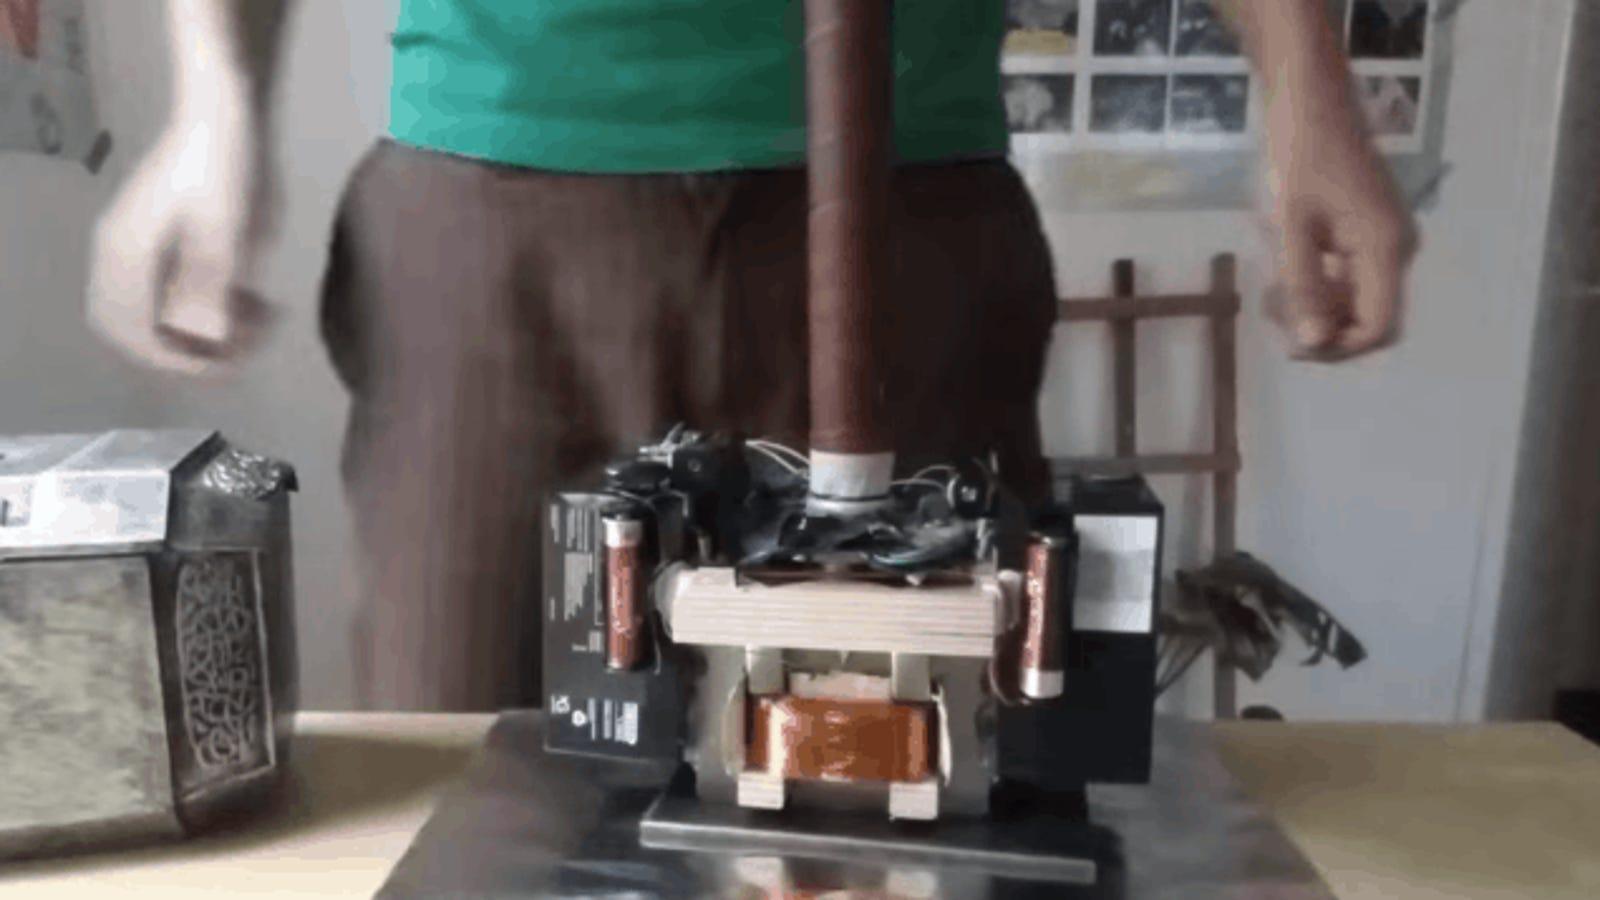 Solo el elegido puede levantar esta genial réplica magnética del martillo de Thor